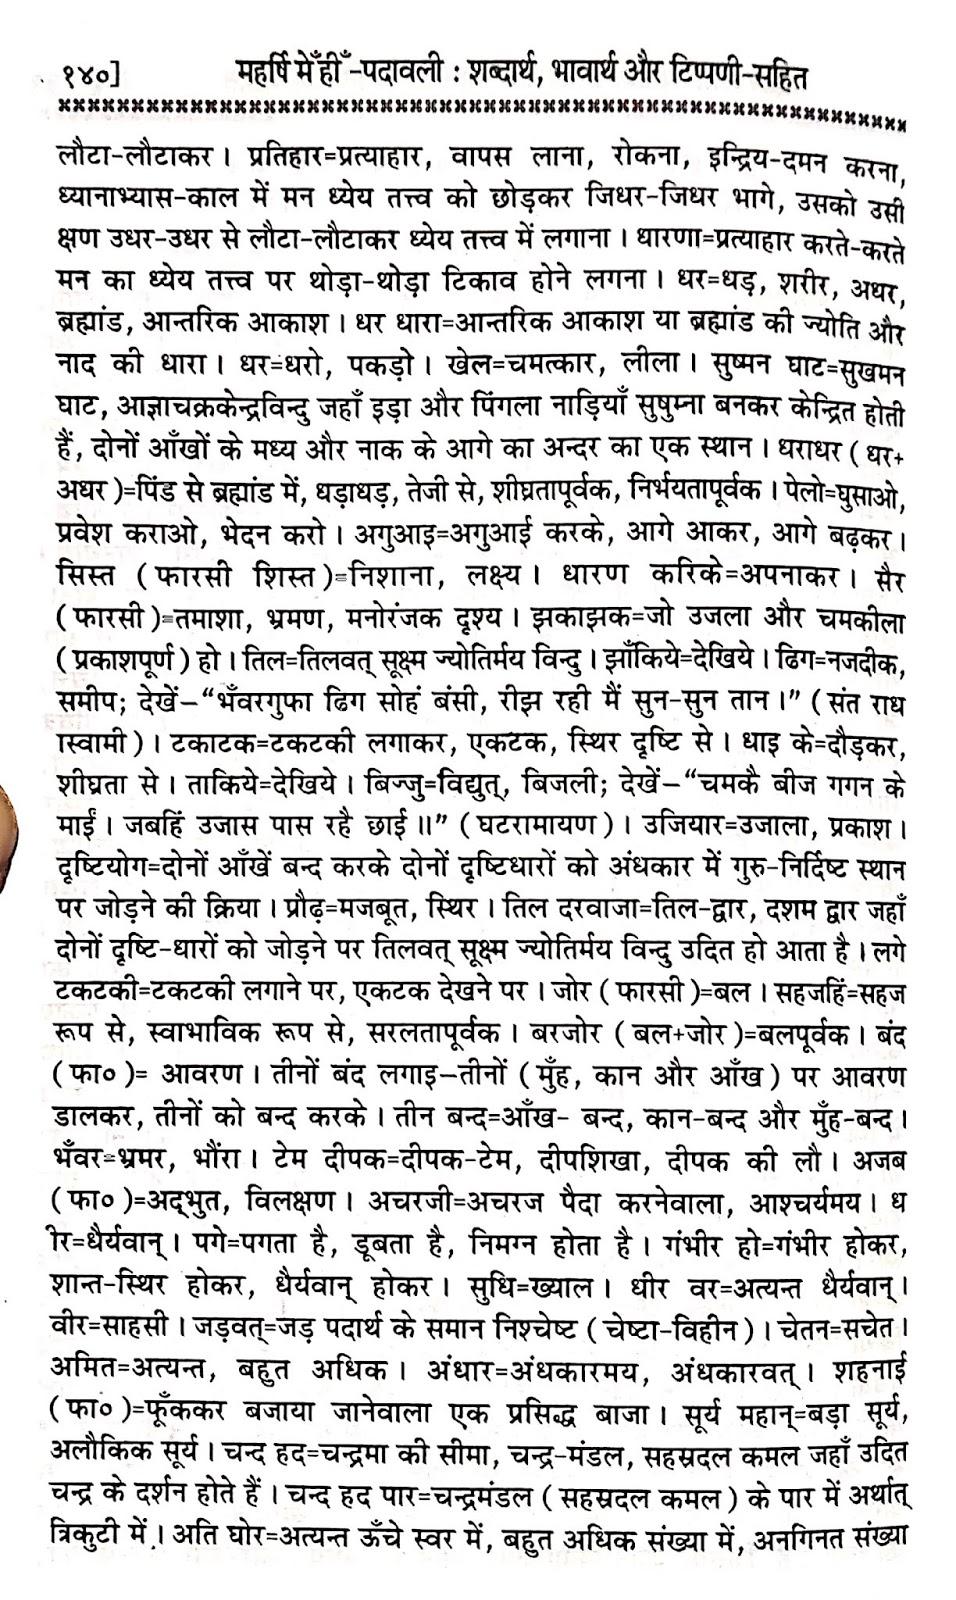 """P44, (क) The essence of saintmat meditation   """"संतमते एक ही बात।..."""" महर्षि मेंहीं पदावली (अरिल) अर्थ सहित/सत्संग ध्यान। पदावली भजन 44 का शब्दार्थ । संतमत की बातें।"""